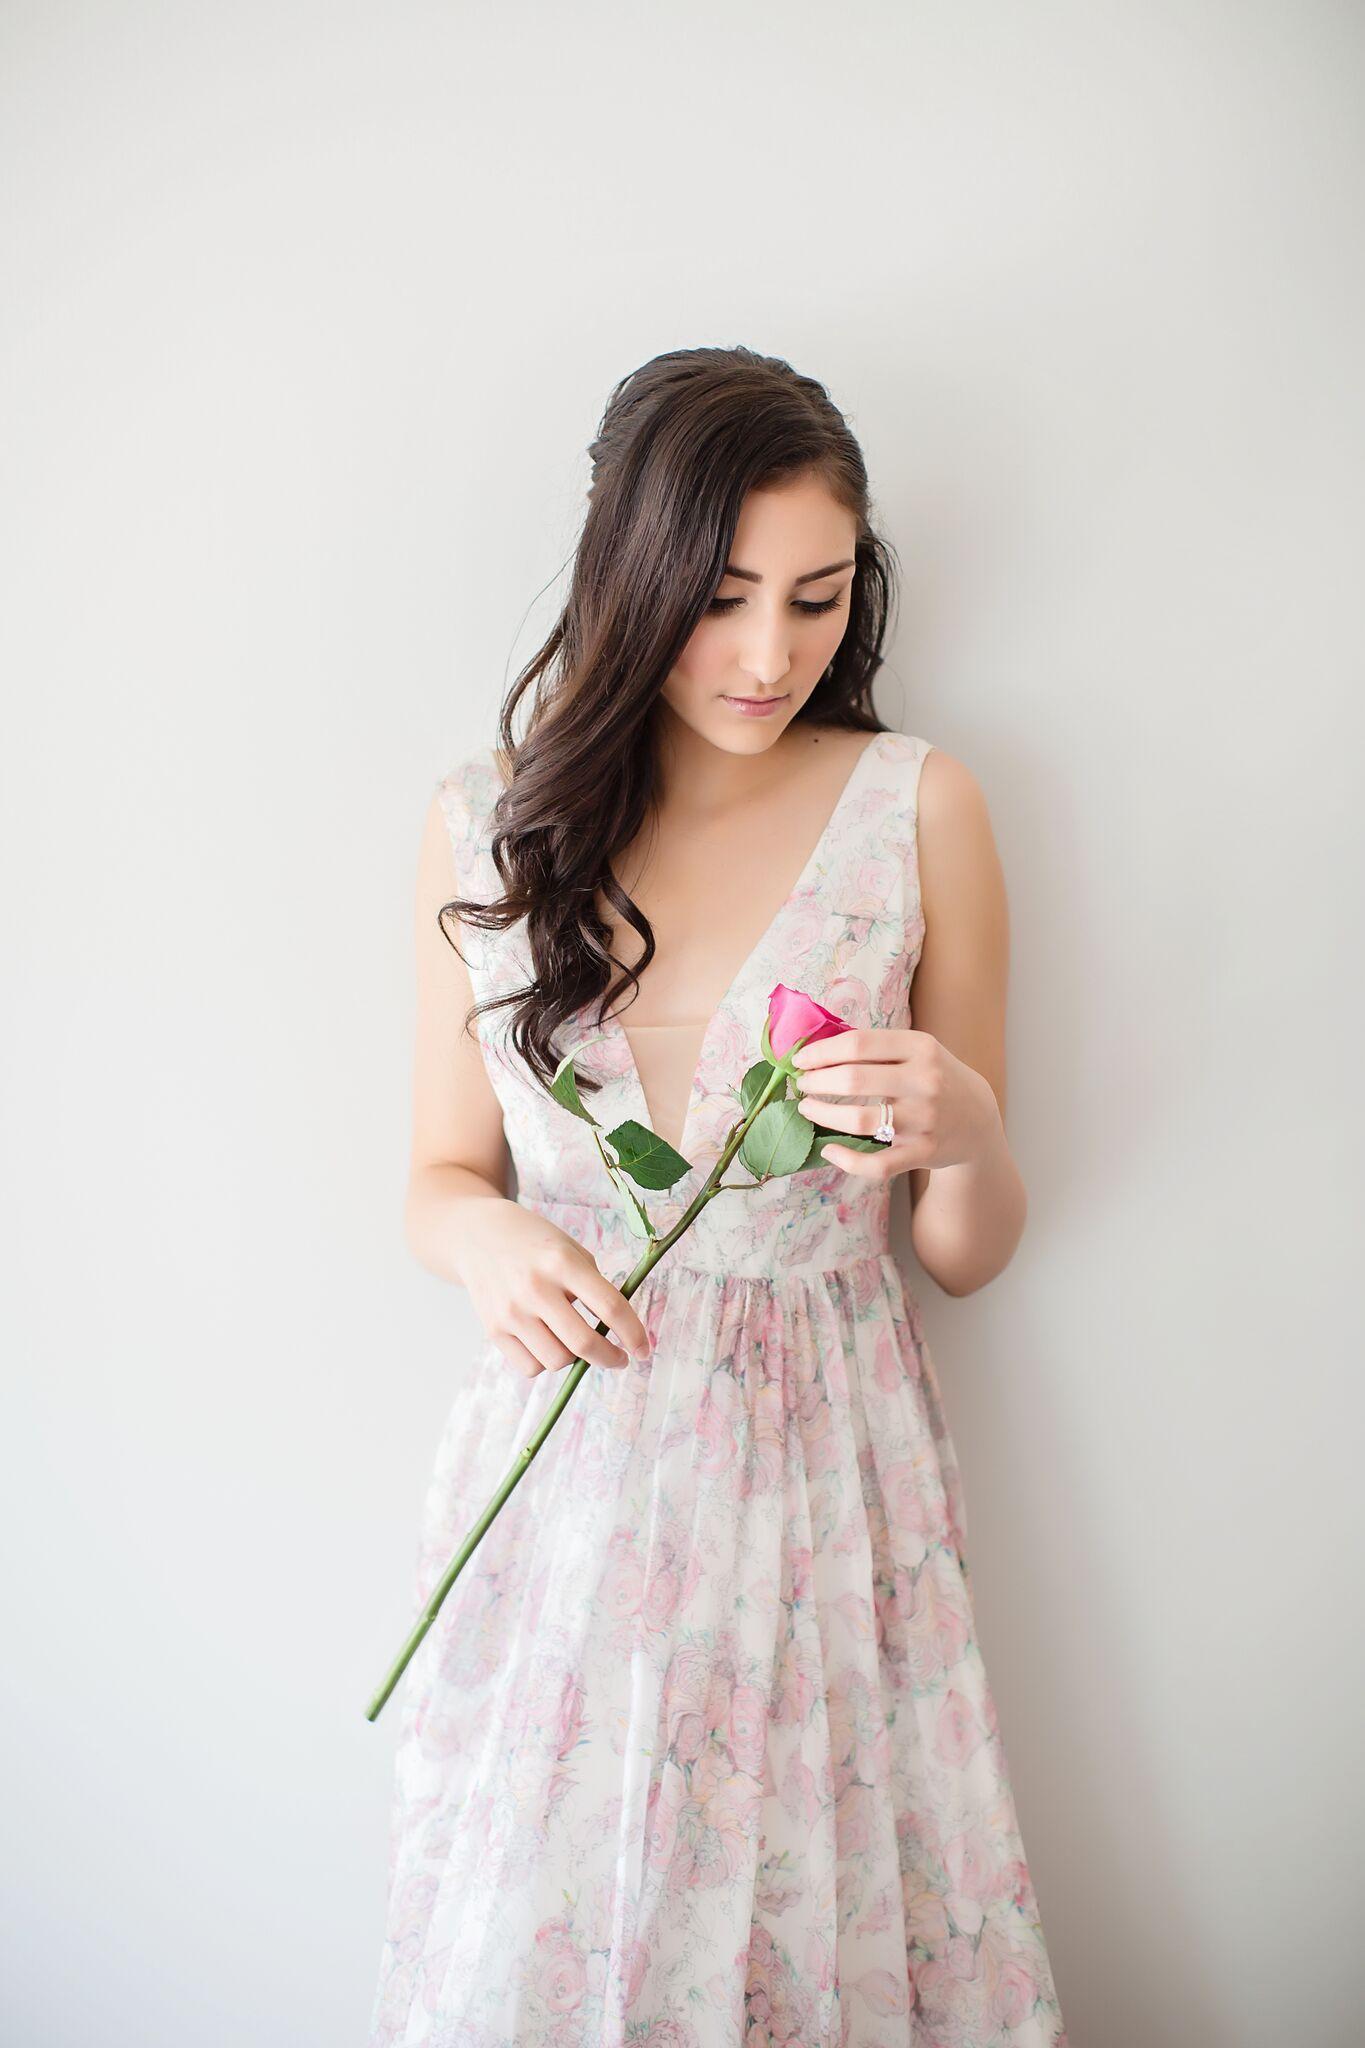 Floral print wedding dresses  Love In Bloom Floral print wedding dress JessicaQPhoto